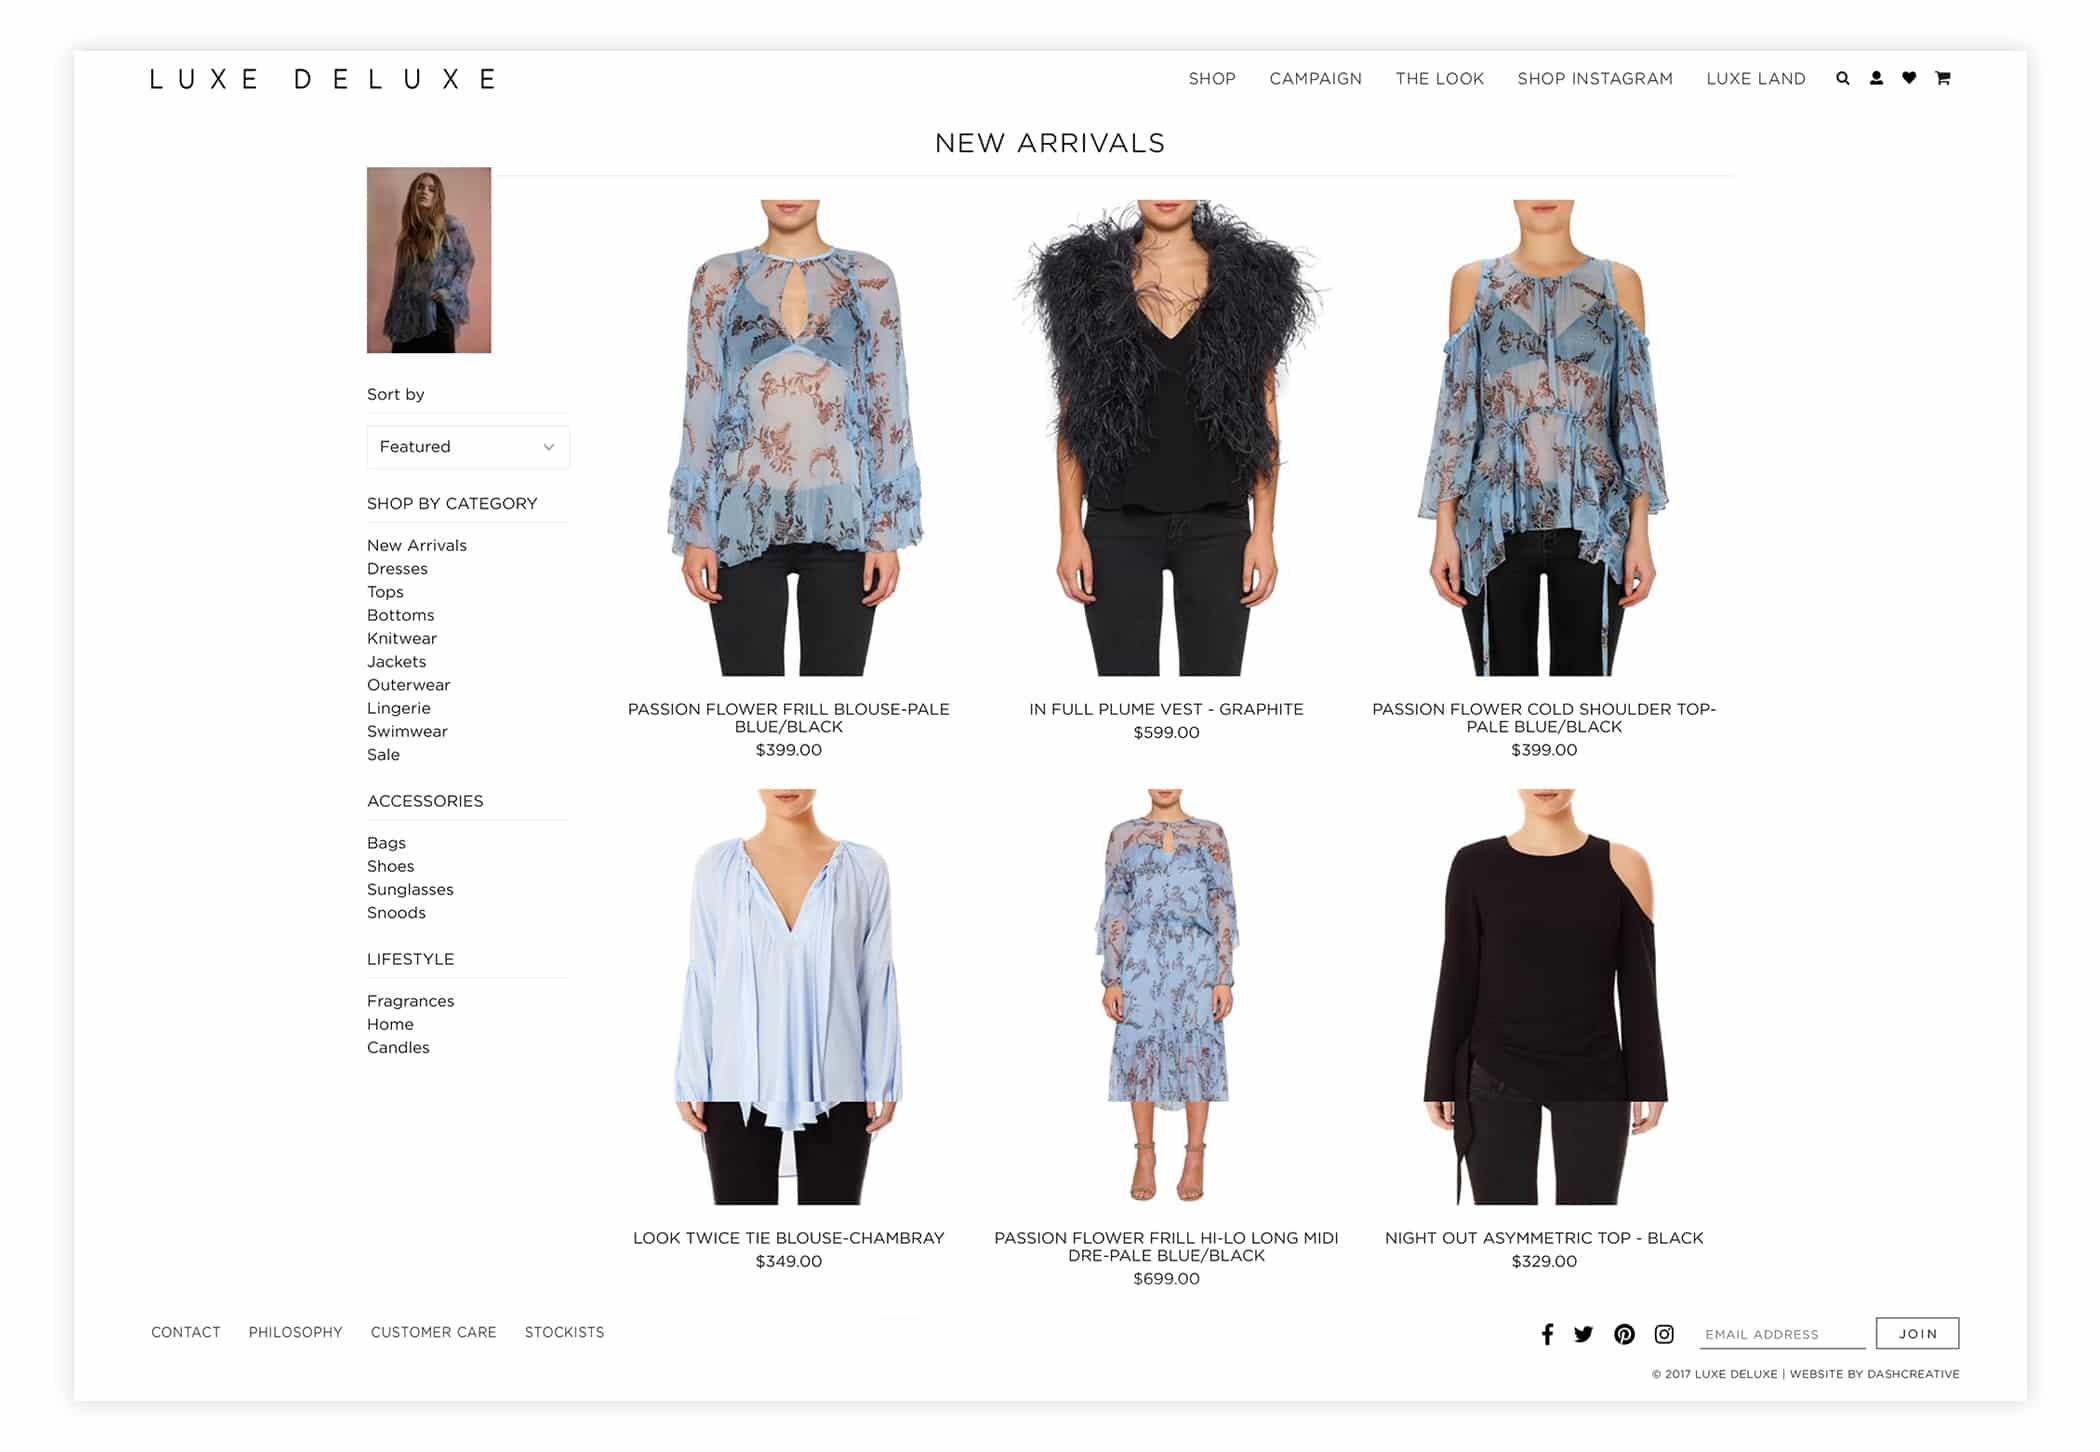 Luxe Deluxe - Website Design